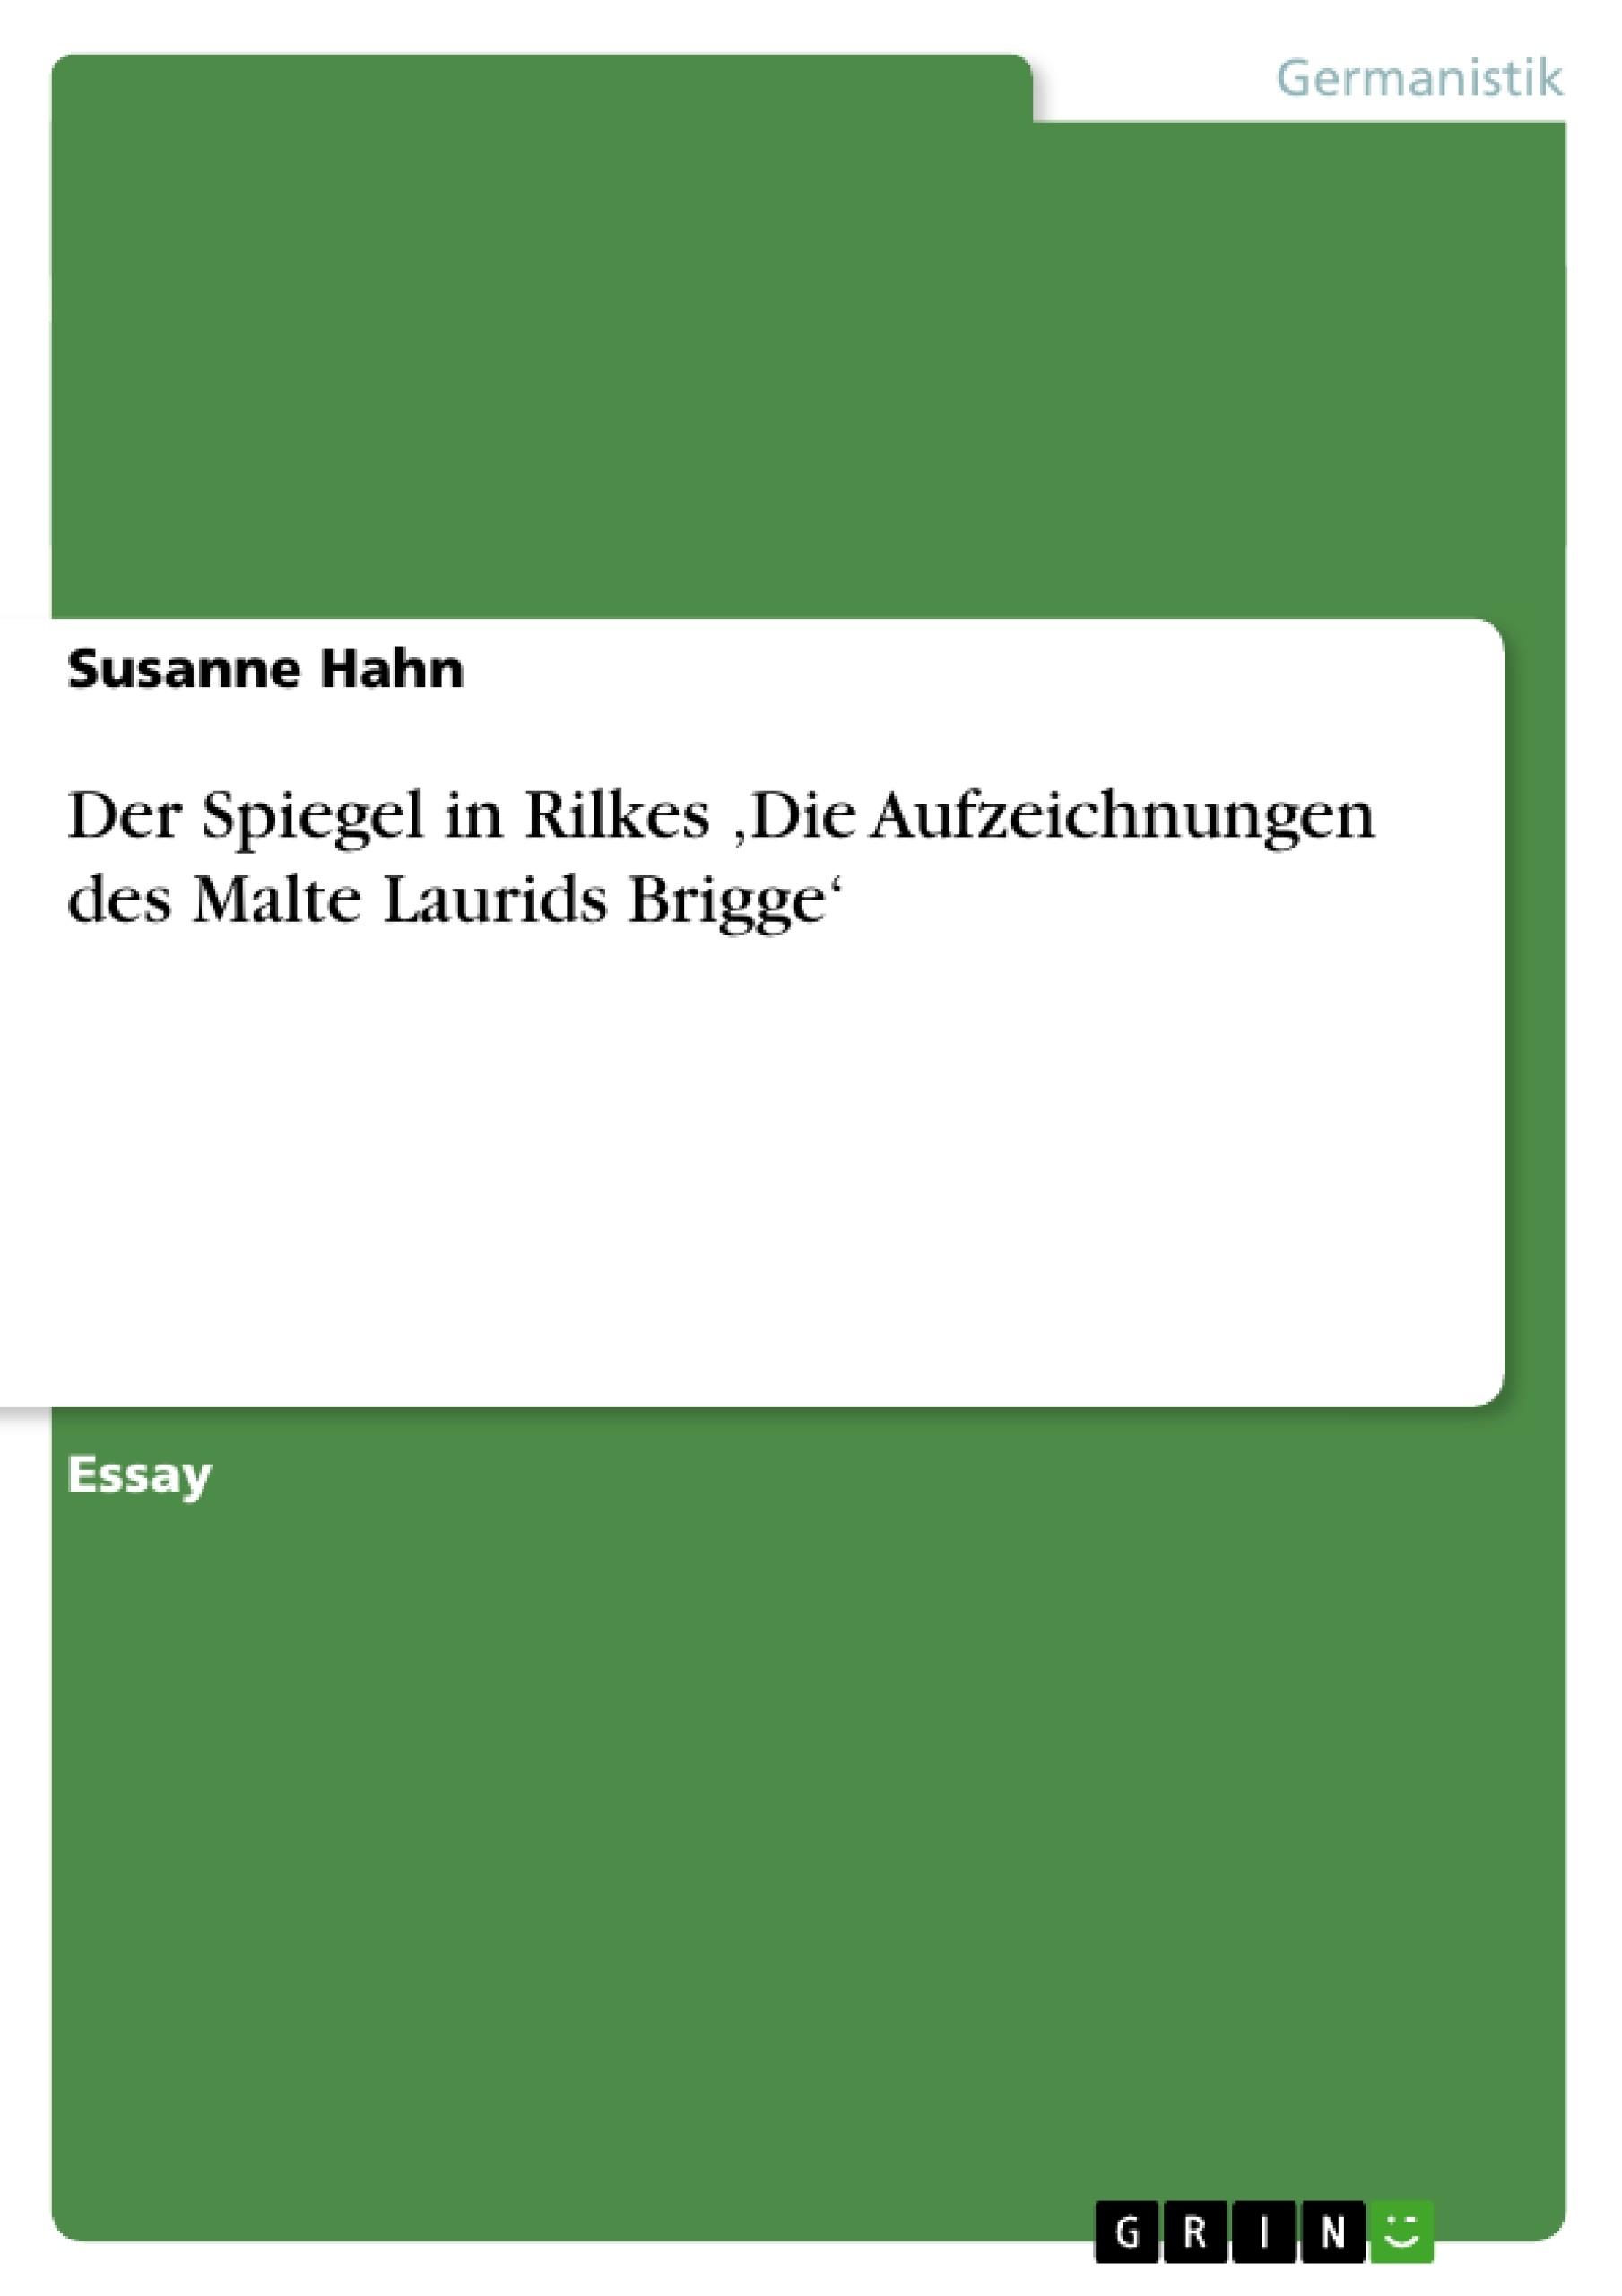 Titel: Der Spiegel in Rilkes 'Die Aufzeichnungen des Malte Laurids Brigge'